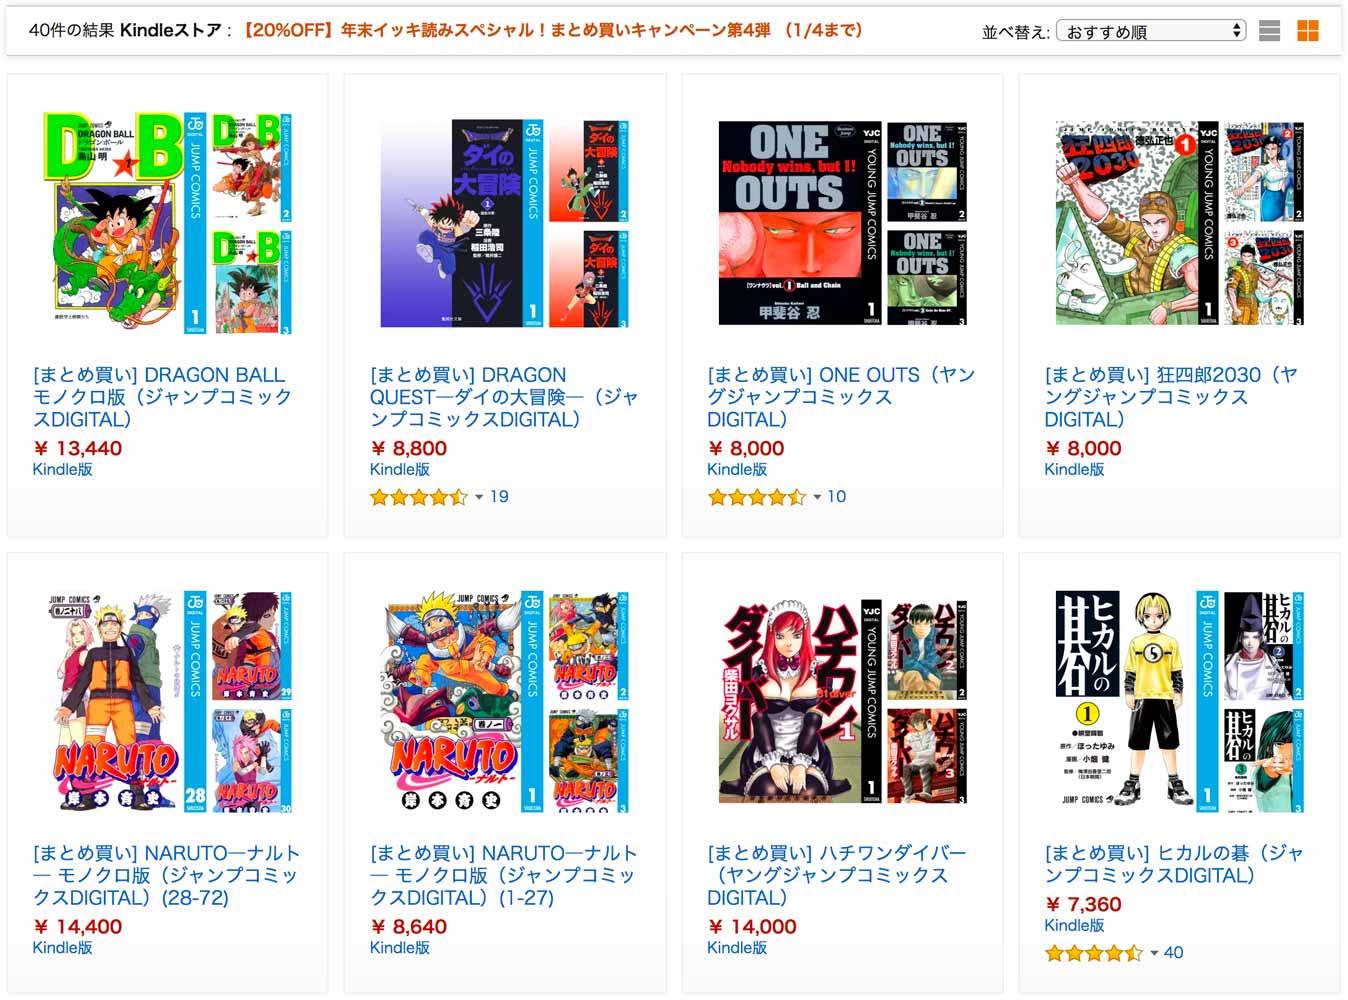 【20%OFF】Kindleストア、「年末イッキ読みスペシャル!まとめ買いキャンペーン第4弾」実施中 (1/4まで)